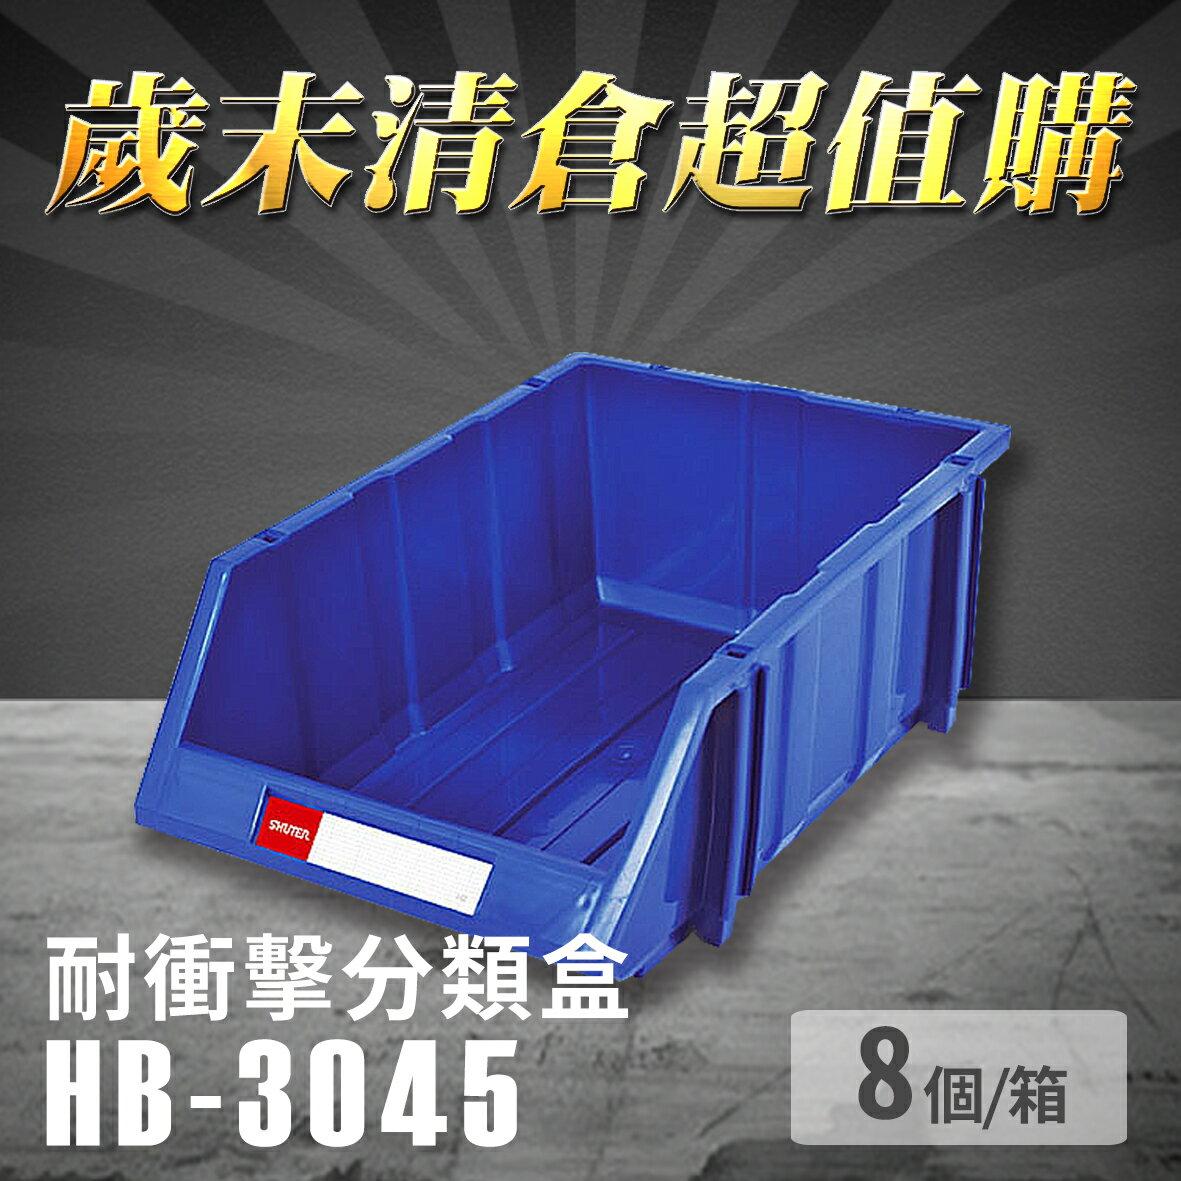 【耐衝擊分類整理盒】 耐衝擊 收納 置物 工具箱 工具盒 零件盒 樹德 HB-3045 (8個/箱)